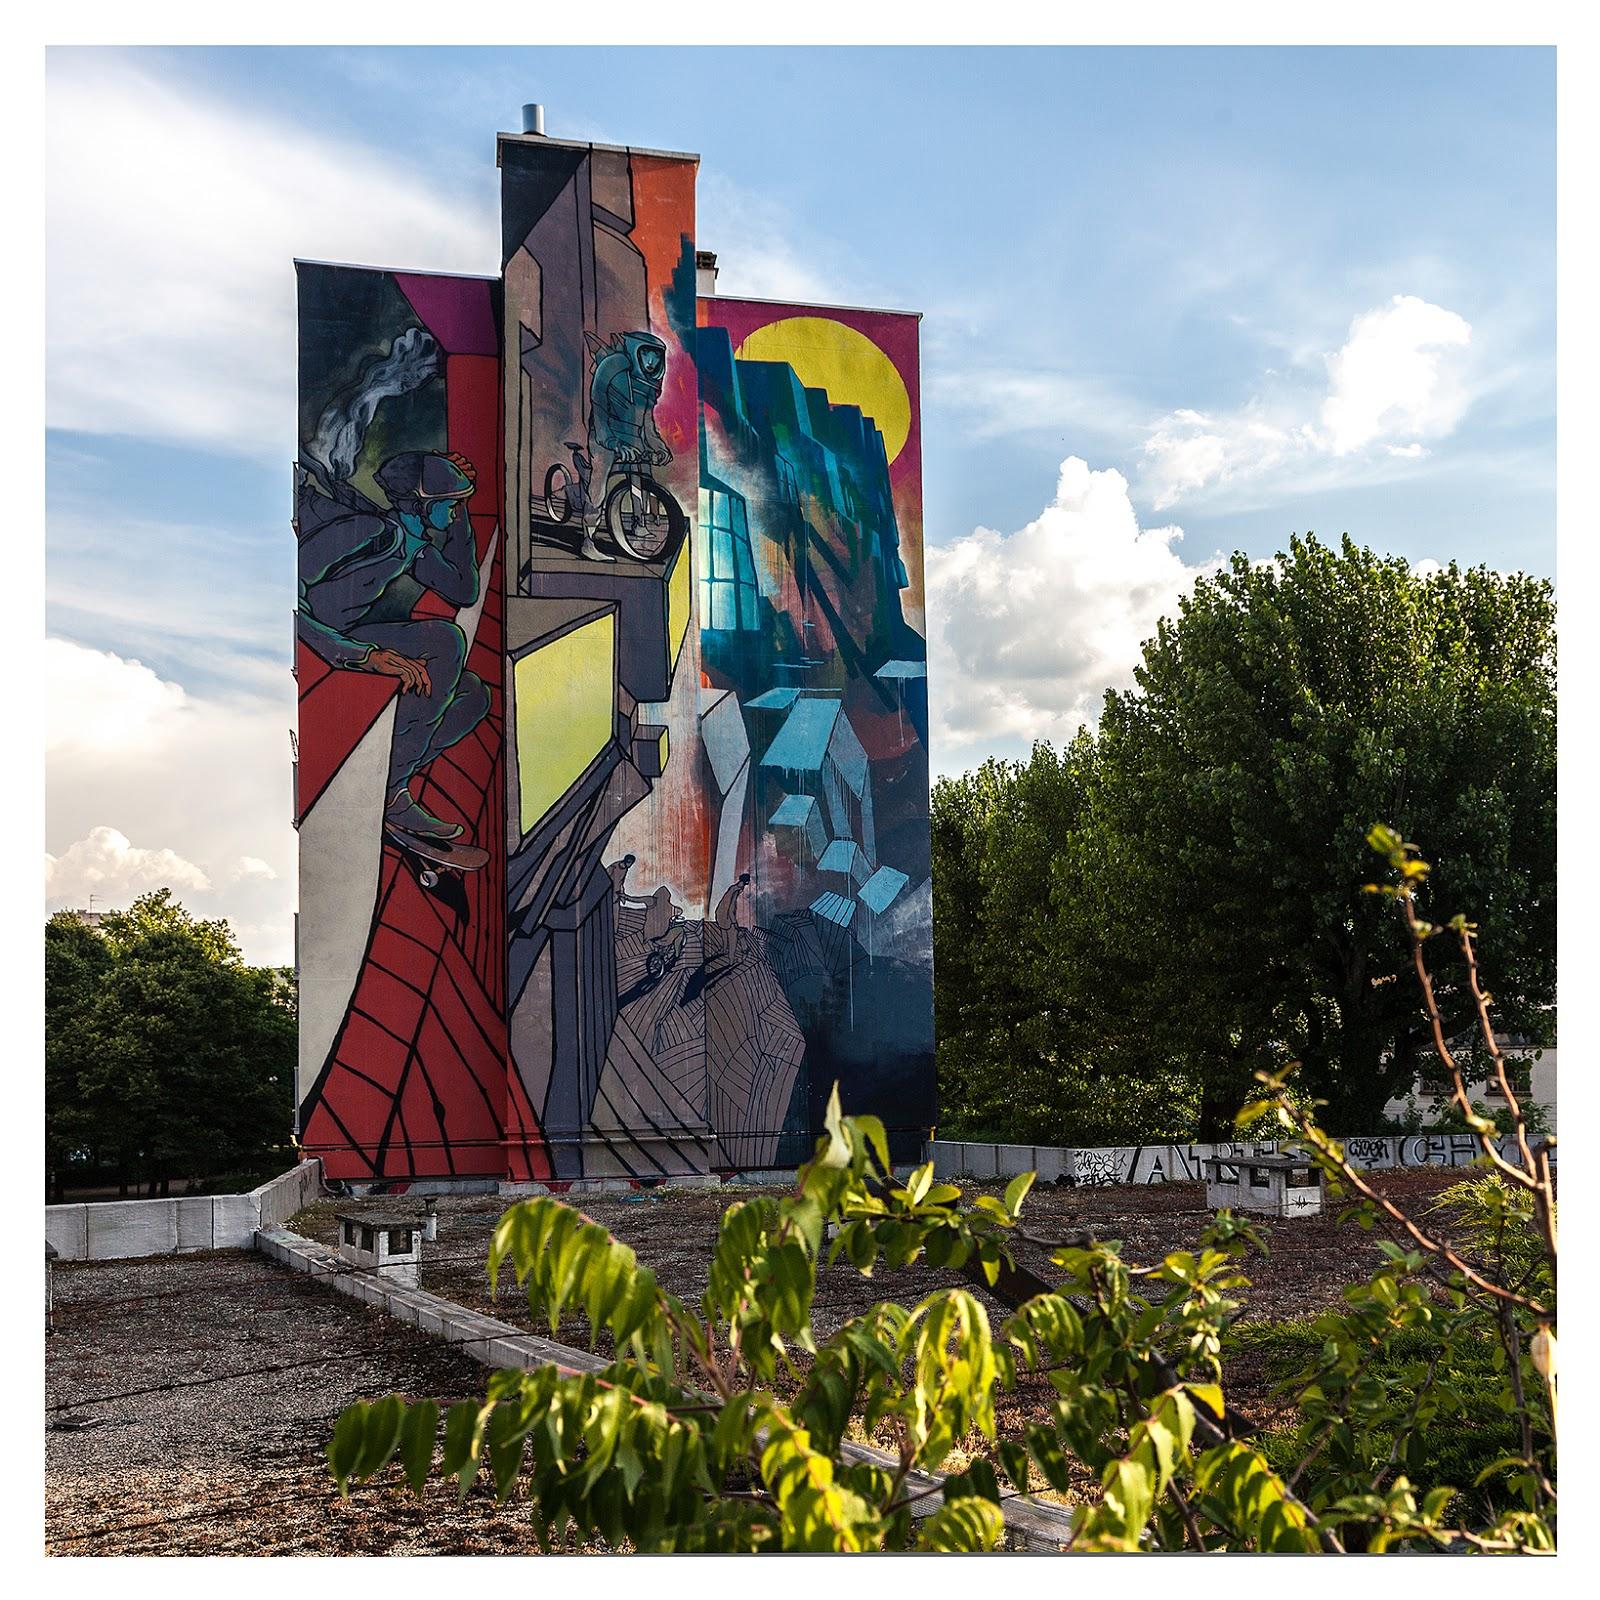 Artist Will Baras mural in Grenoble France